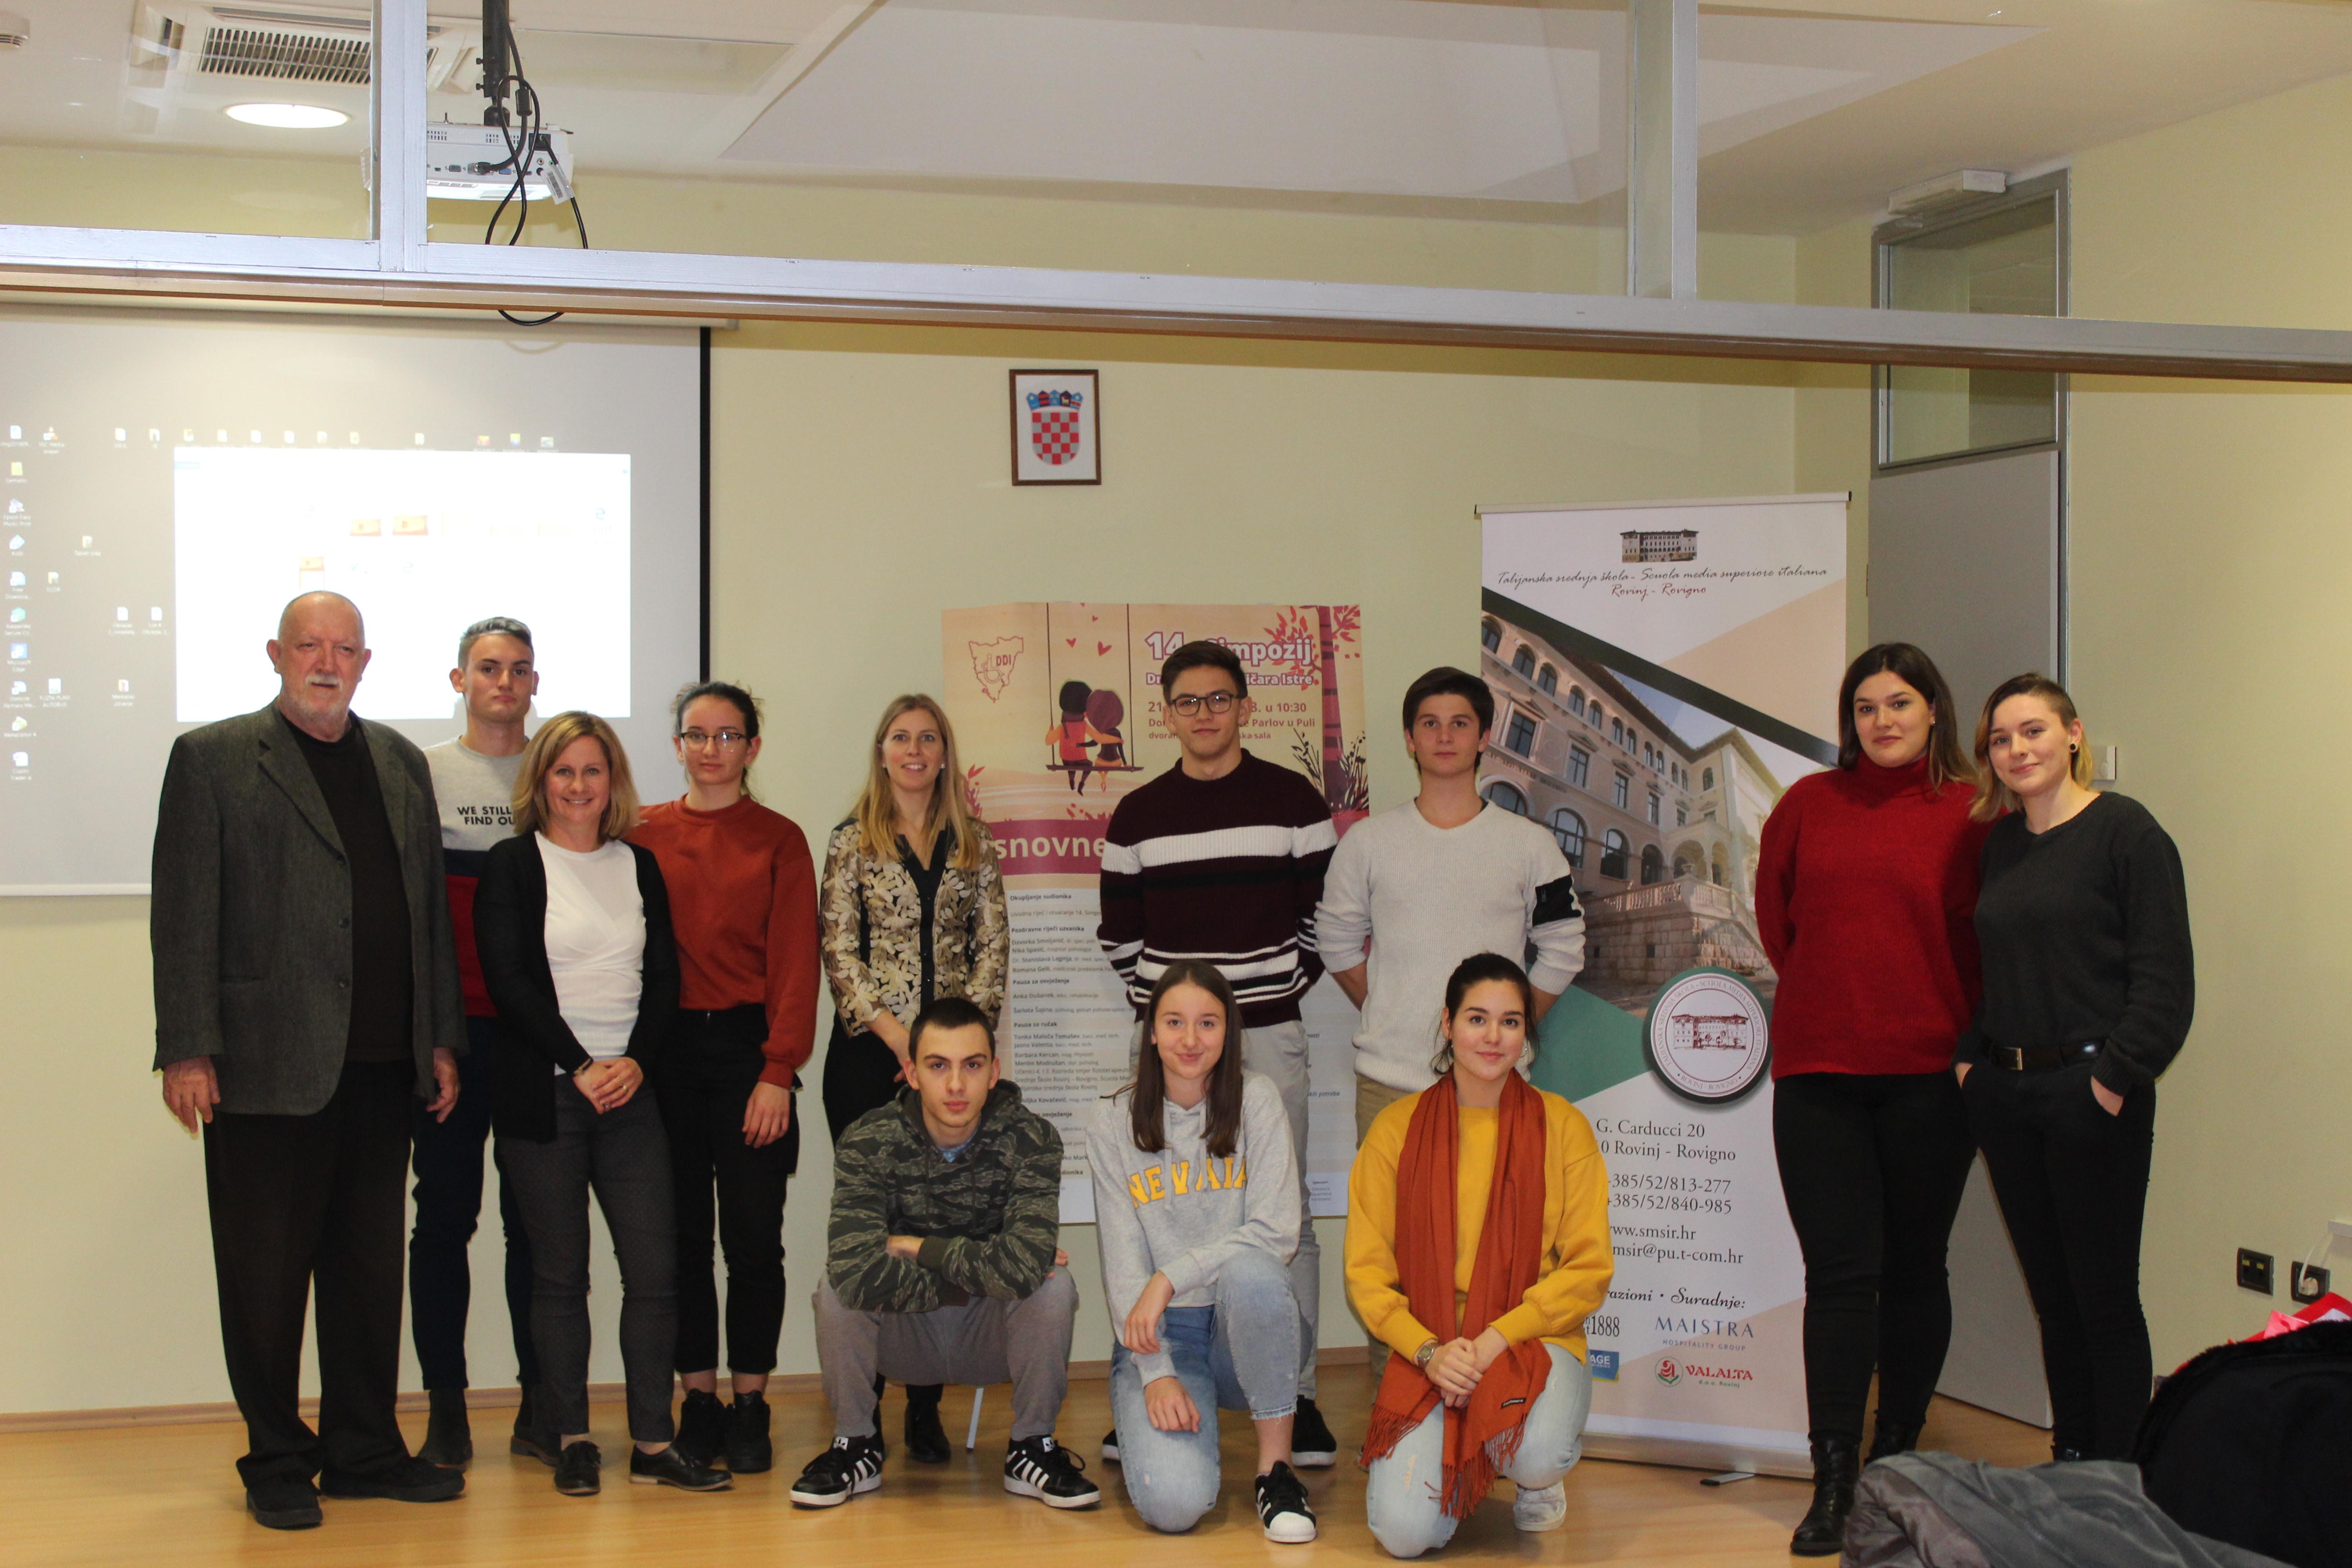 """XIV. convegno dell'associazione dei distrofici dell'Istria """"Le necessità umane fondamentali"""""""